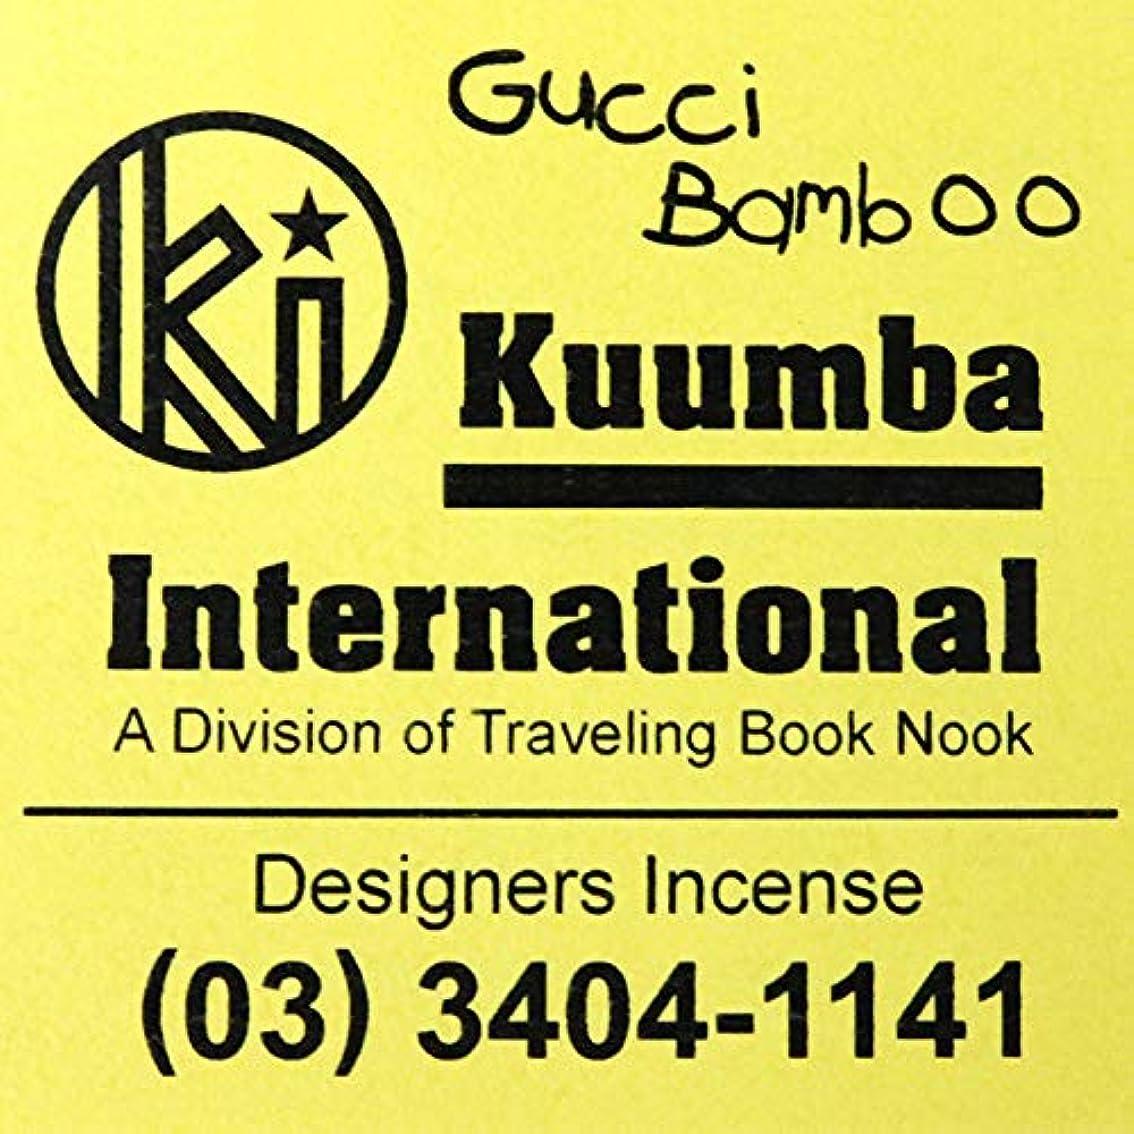 禁止するあたたかい寂しいKUUMBA (クンバ)『incense』(GUCCI BAMBOO) (GUCCI BAMBOO, Regular size)